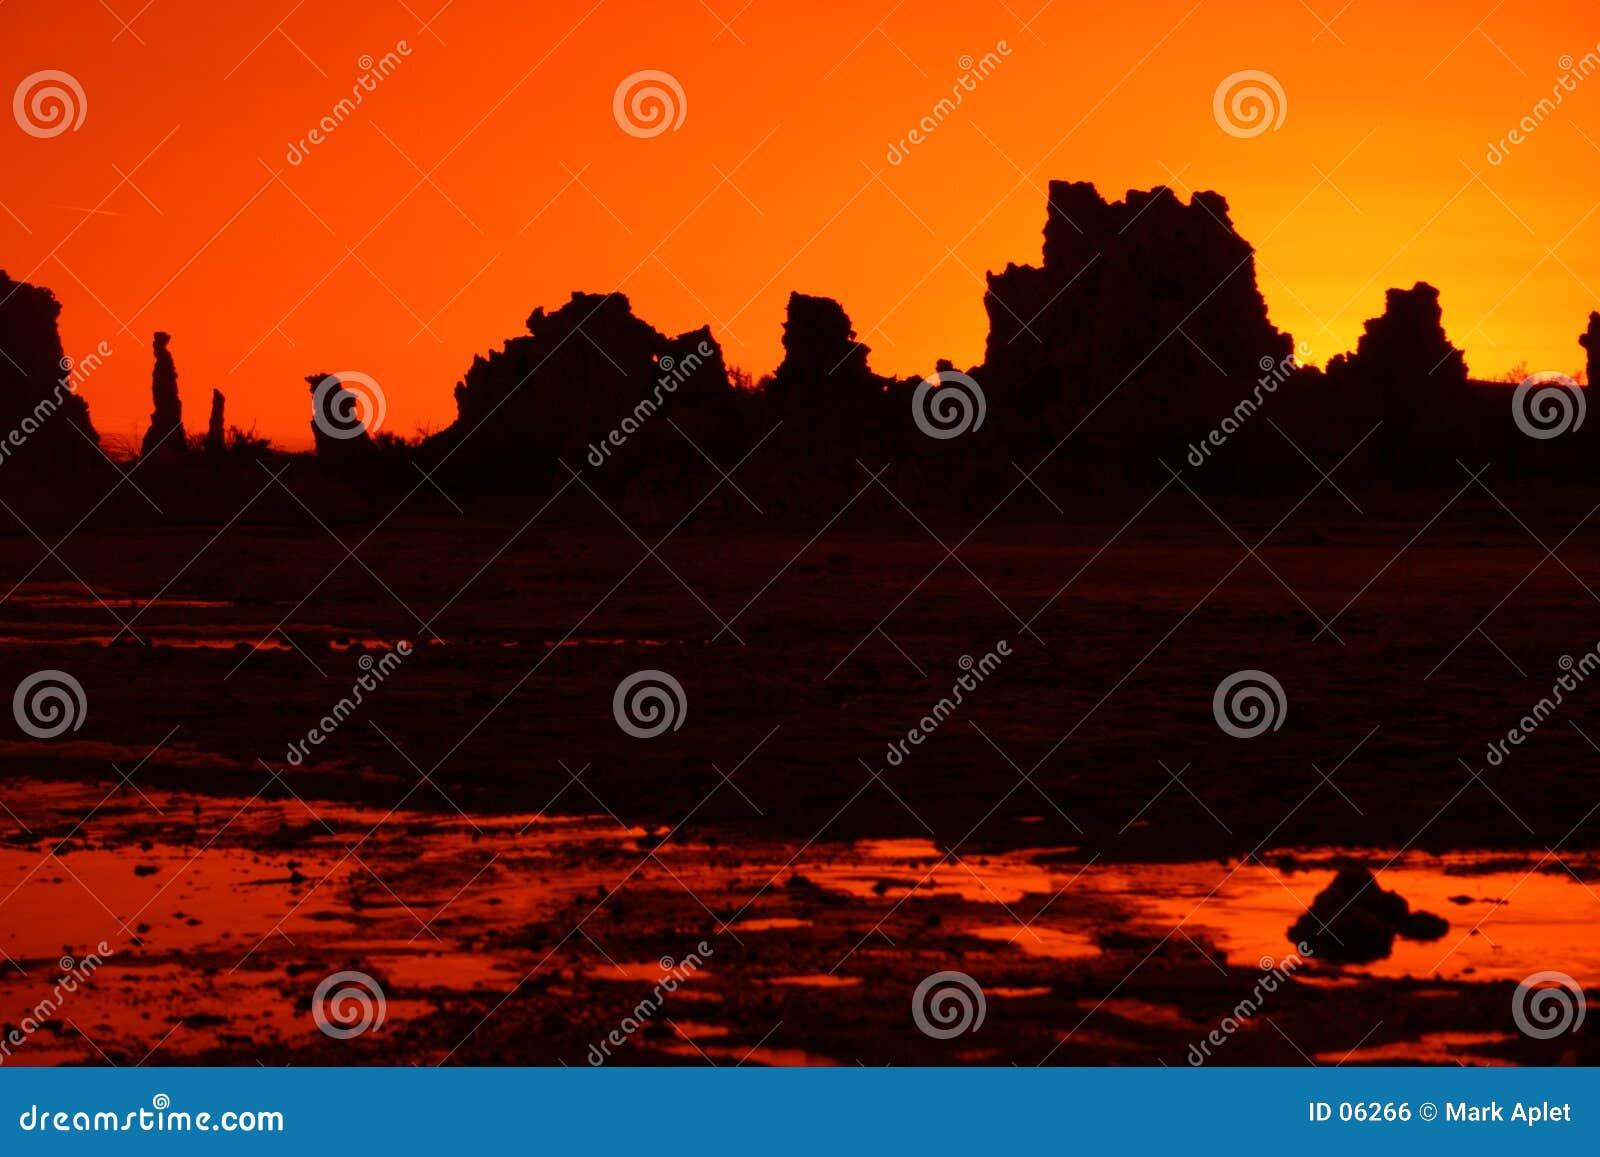 Orange s-tufa